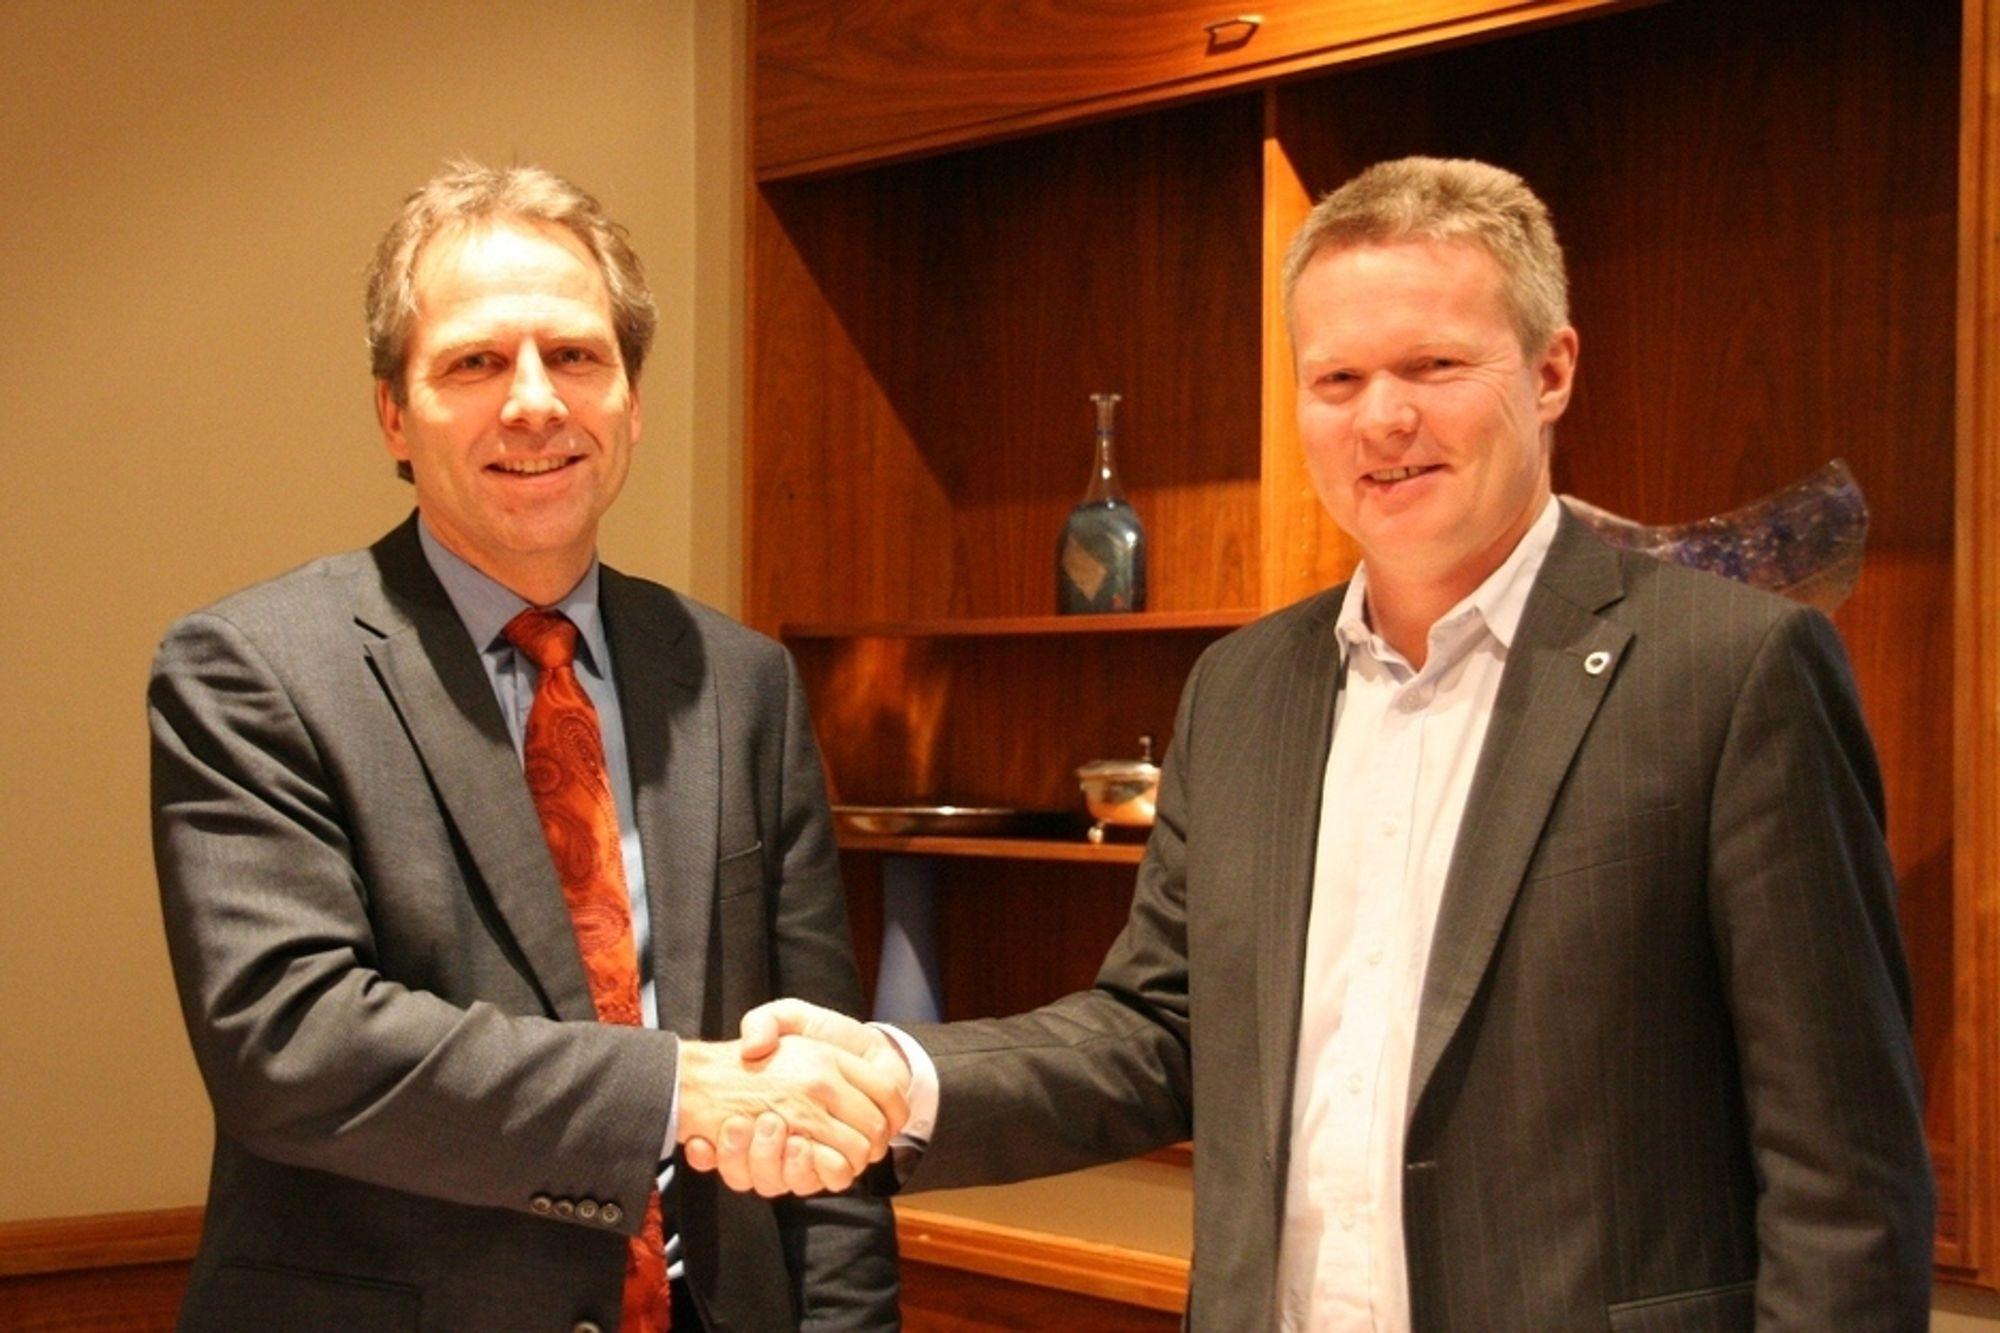 Karl Gunnar Opdal i Edda Media og Terje Mjøs i ErgoGroup er enige om at sistnevnte skal overta driften av IT-tjenestene i Edda Media.